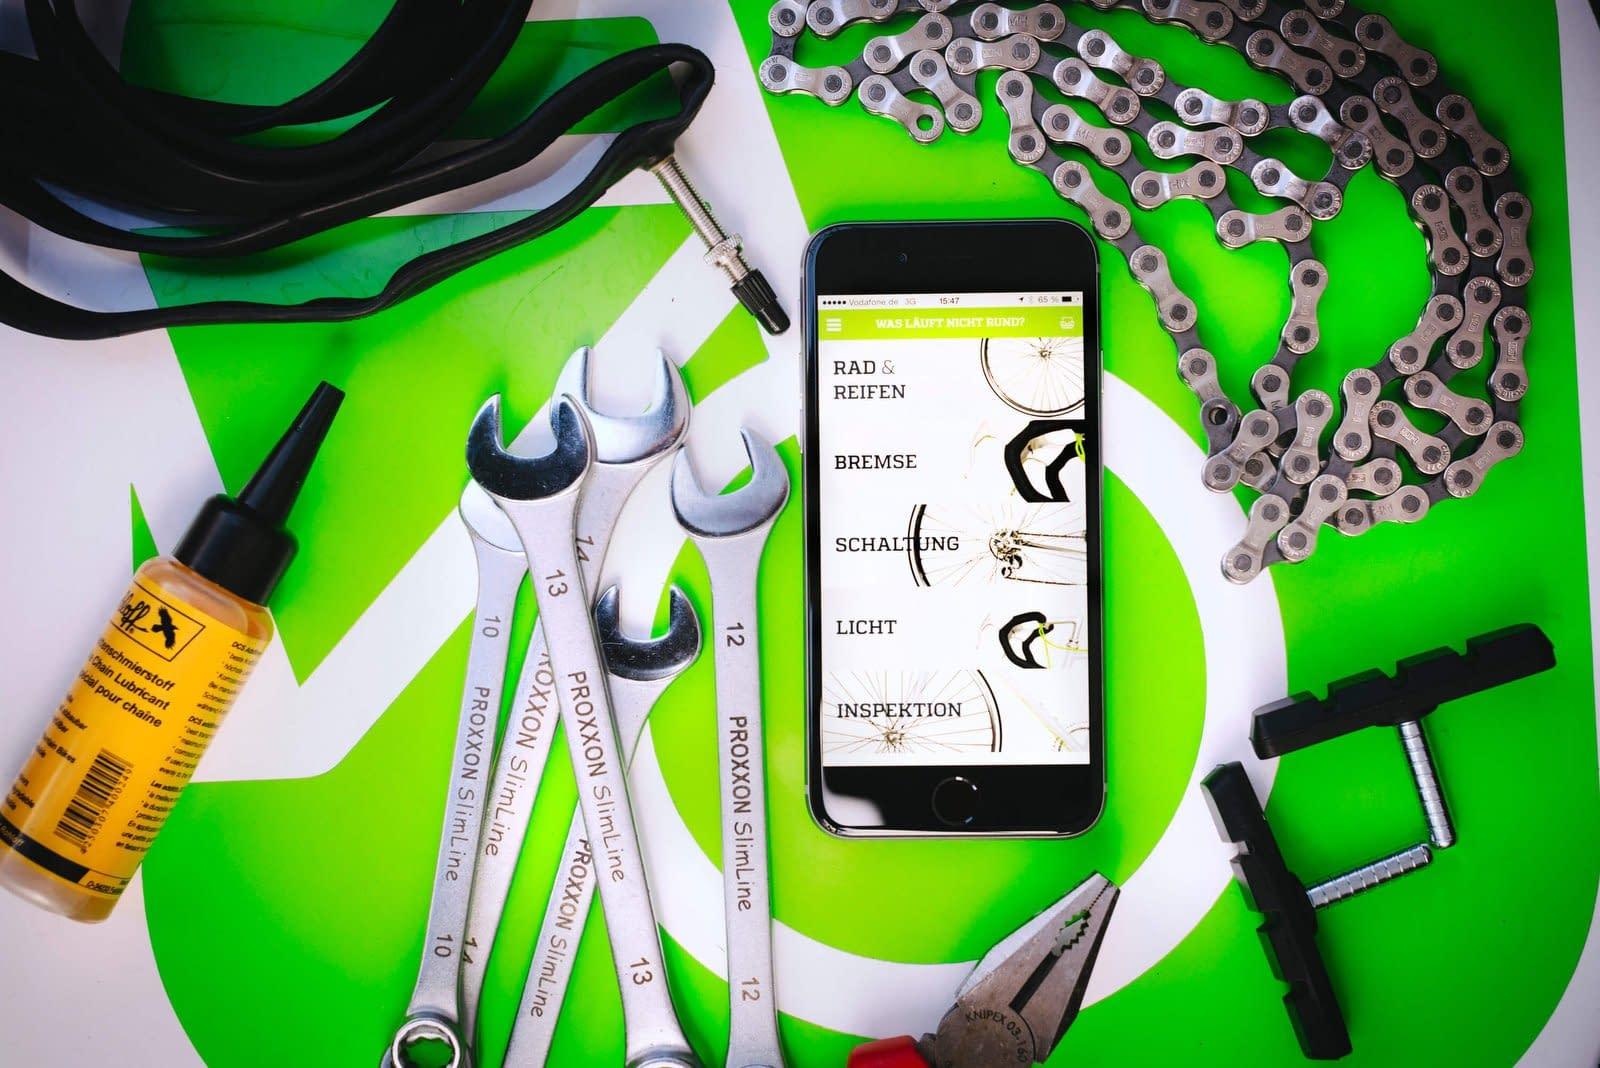 businessfotograf-hamburg-pressefotos-public-relations-pr-unternehmensfotografie-startup-gruender-fahrrad-veloyo-15